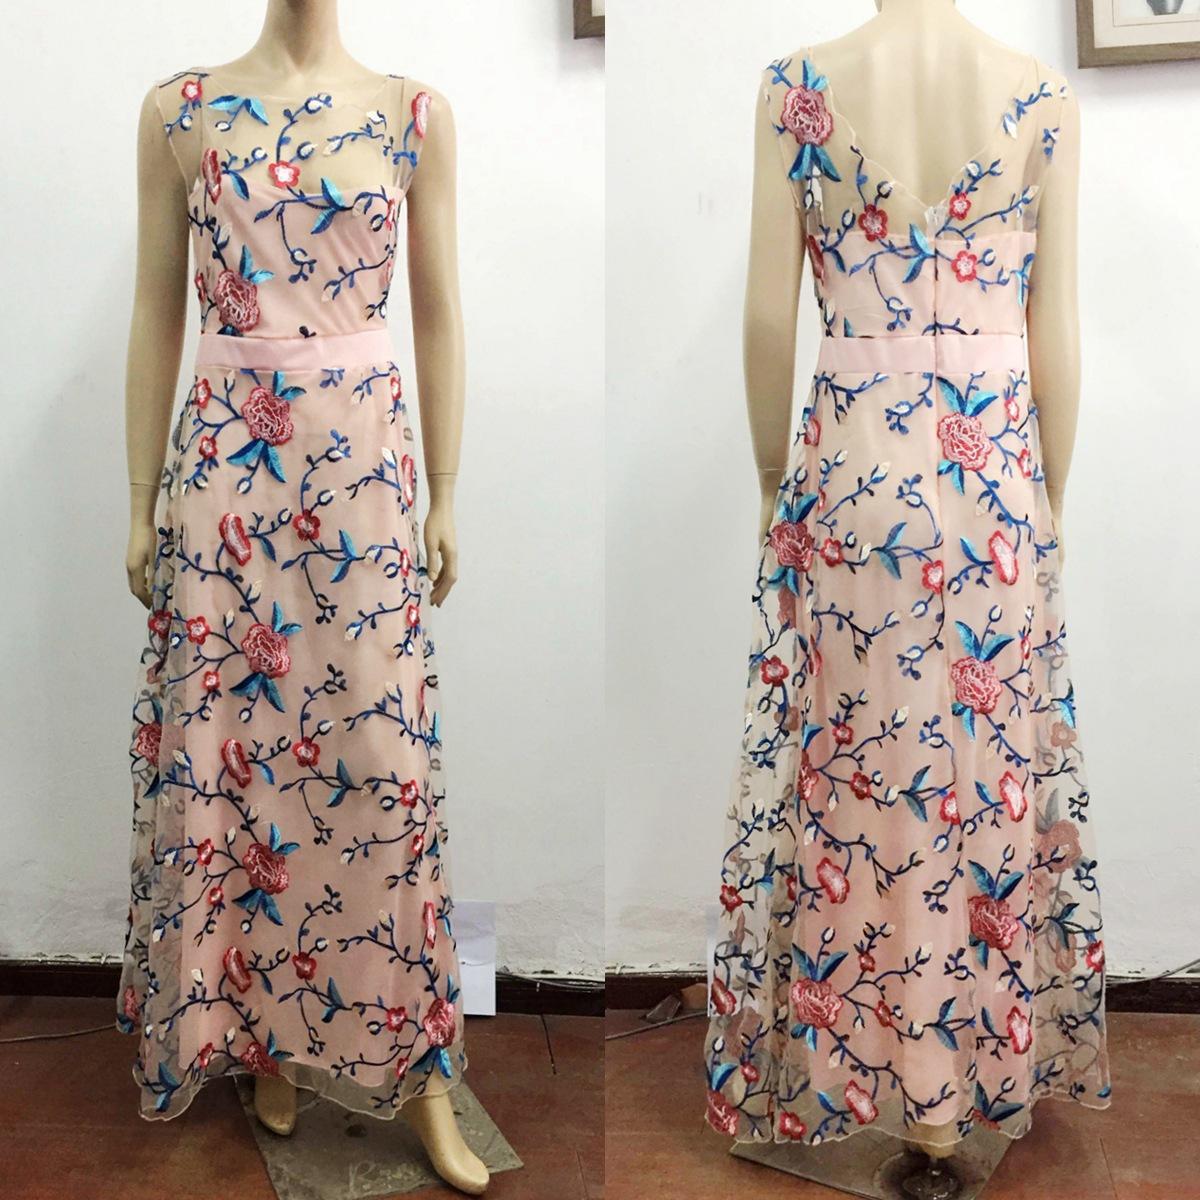 Dlhé spoločenské šaty - 5 veľkostí, 4 farby - Obrázok č. 3